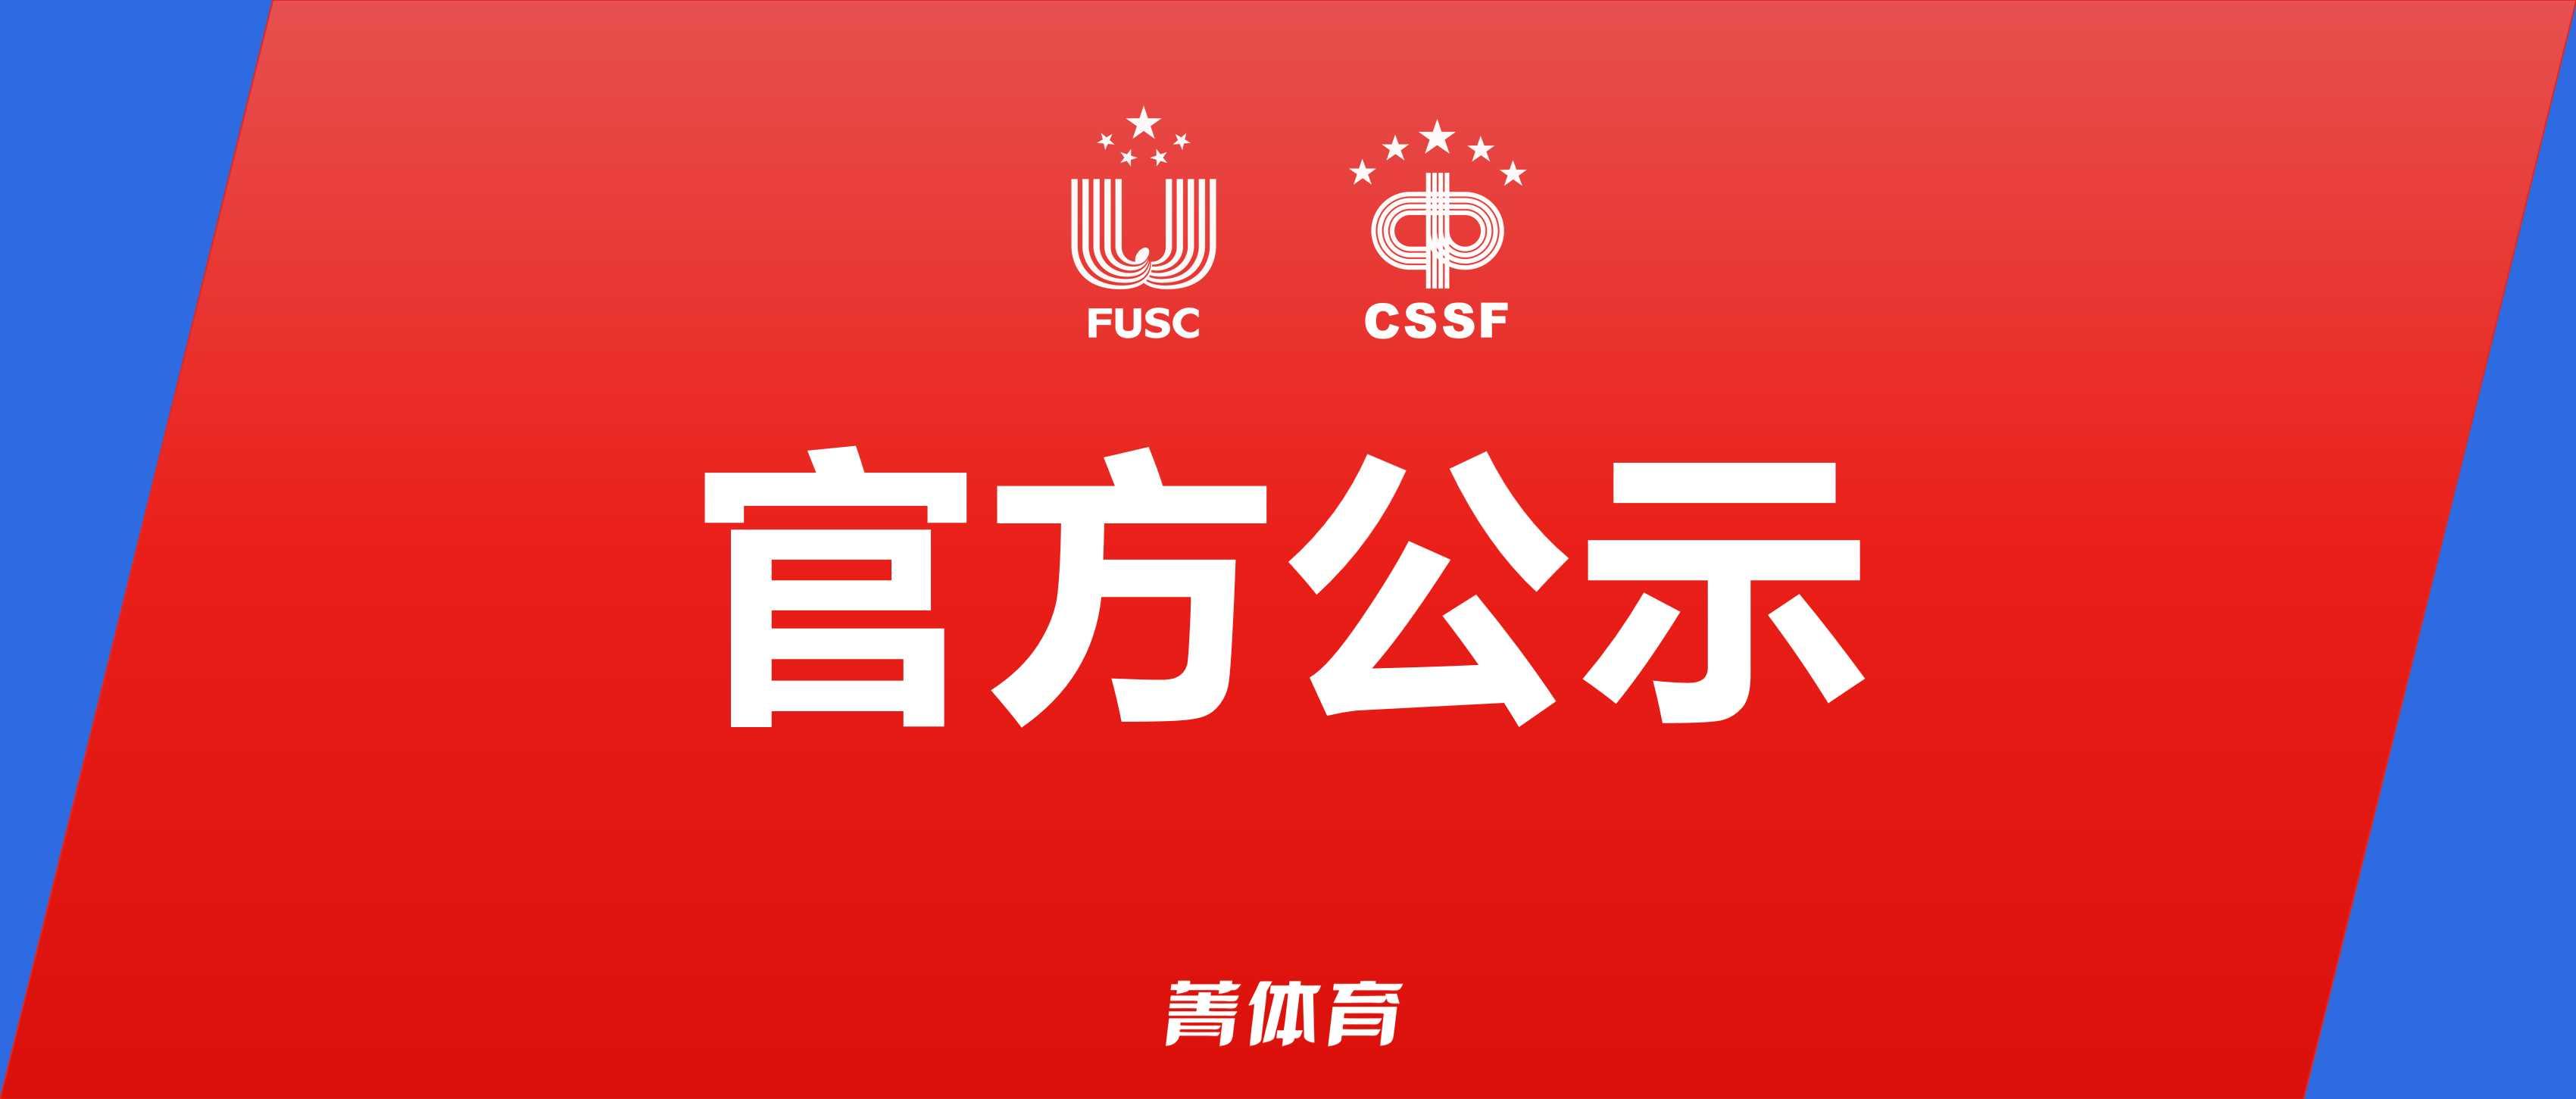 官方丨申震同志任教育部学生体育协会联合秘书处副秘书长